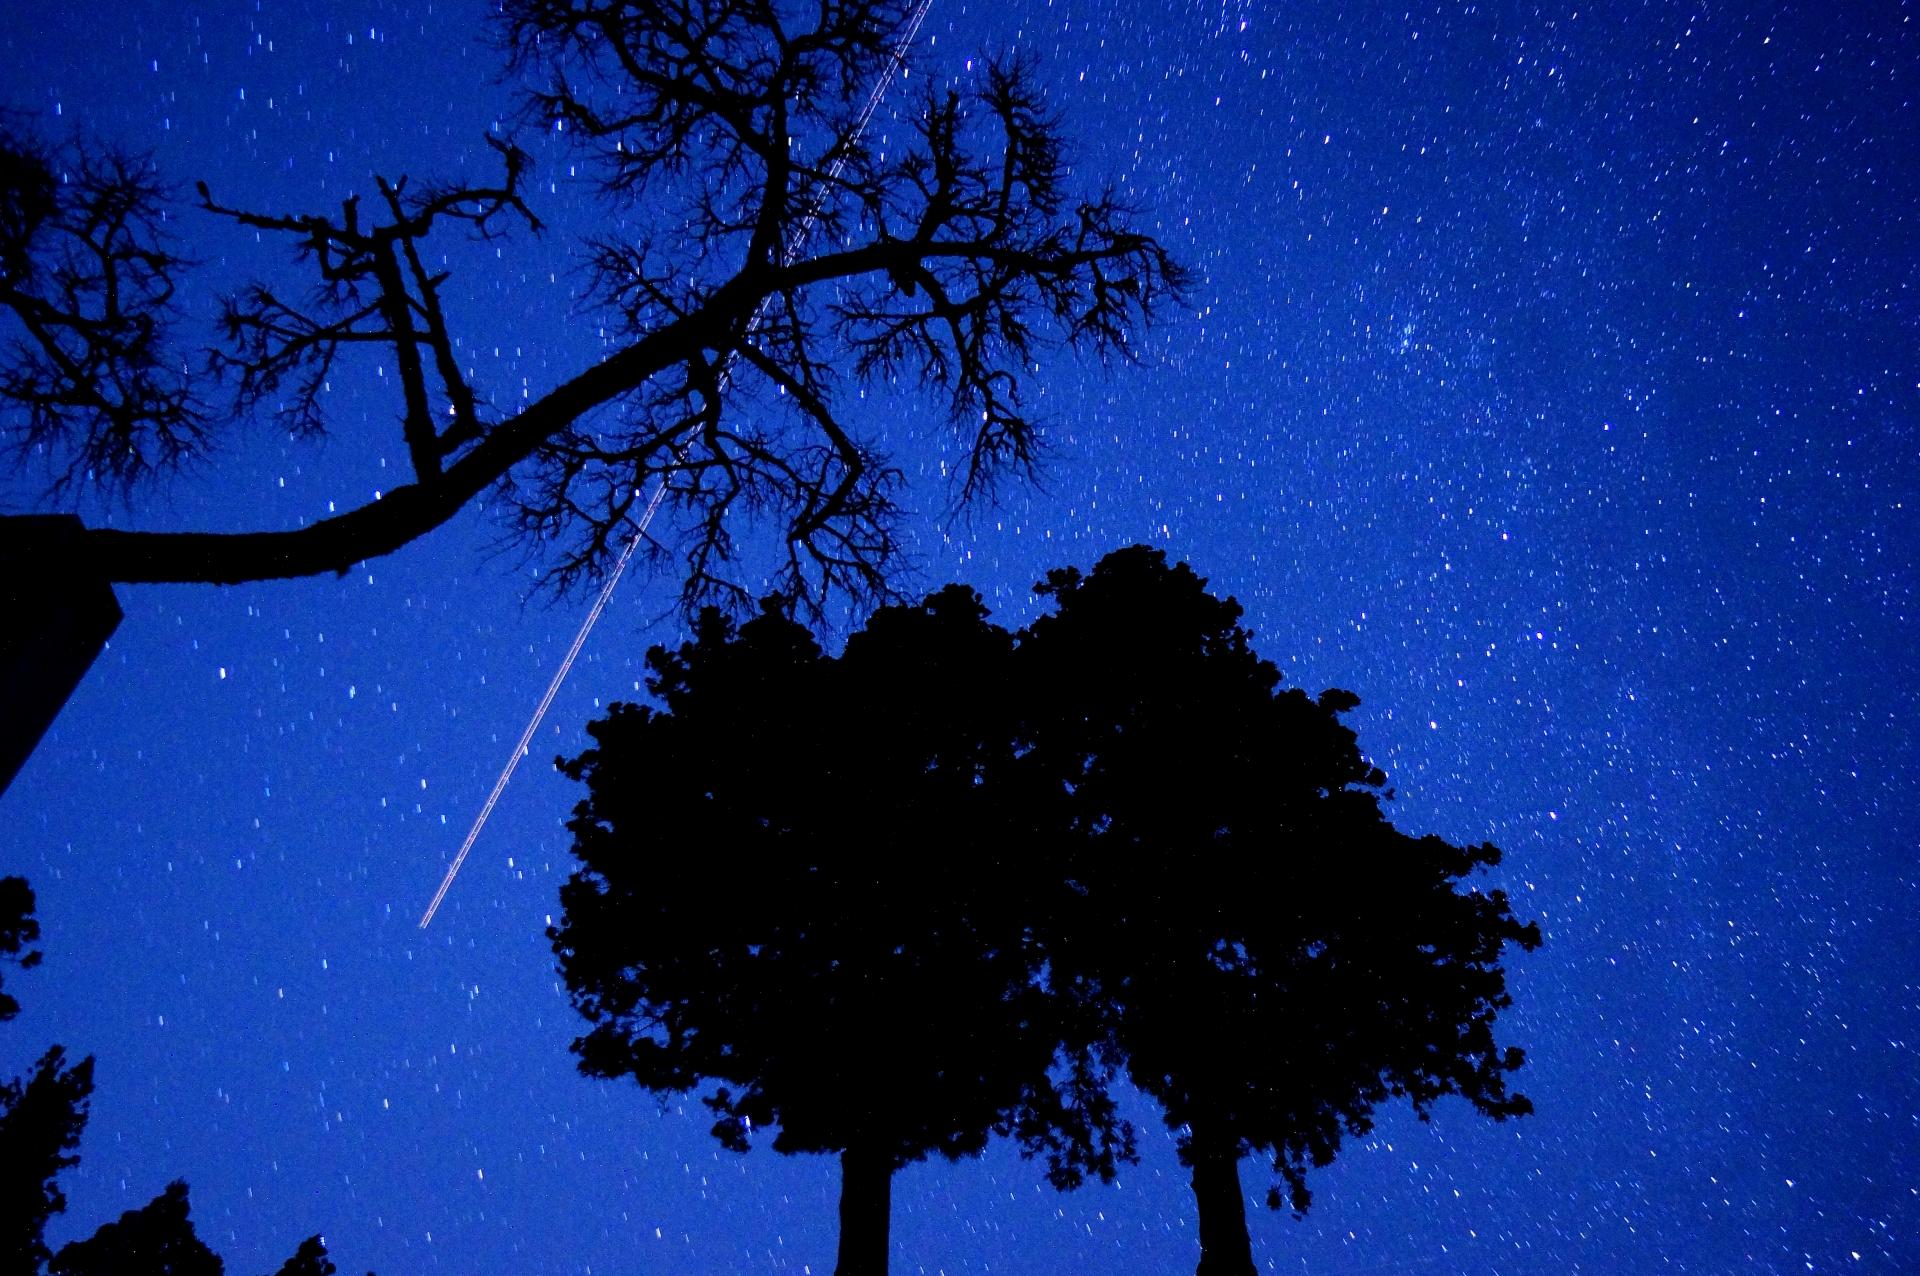 石垣島で見ることのできる満天の星